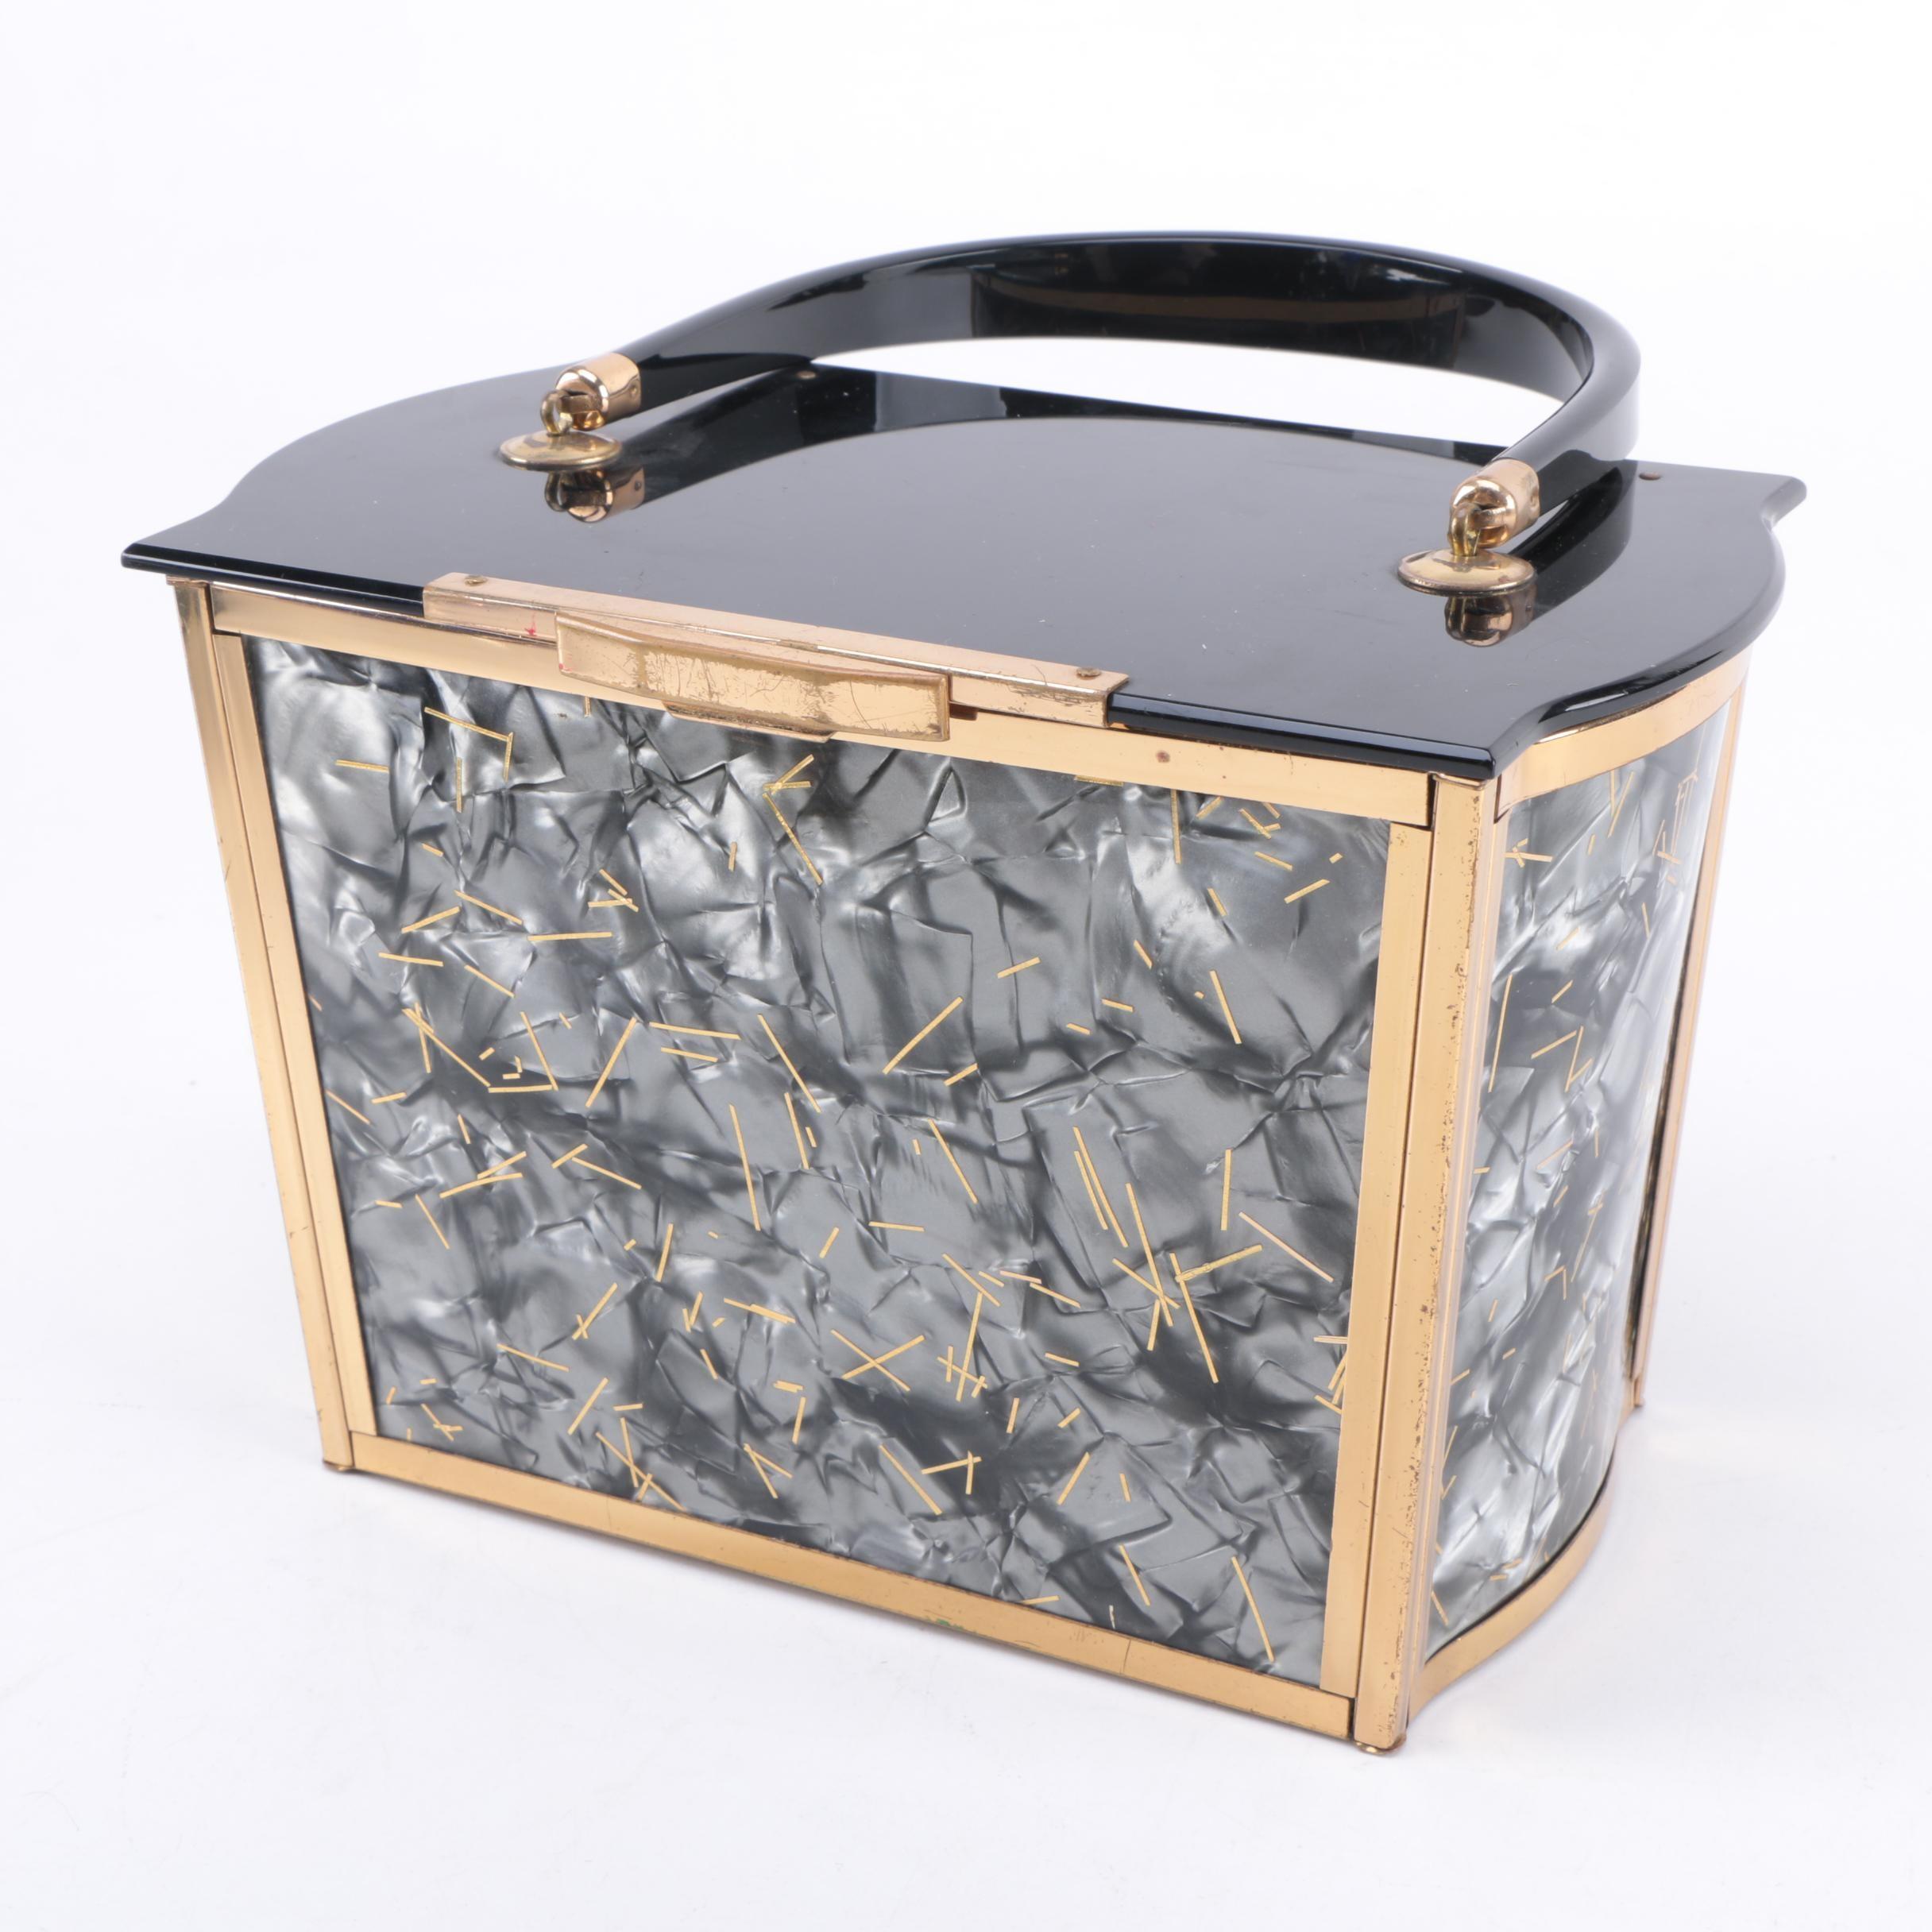 Vintage Majestic Lucite Box Purse